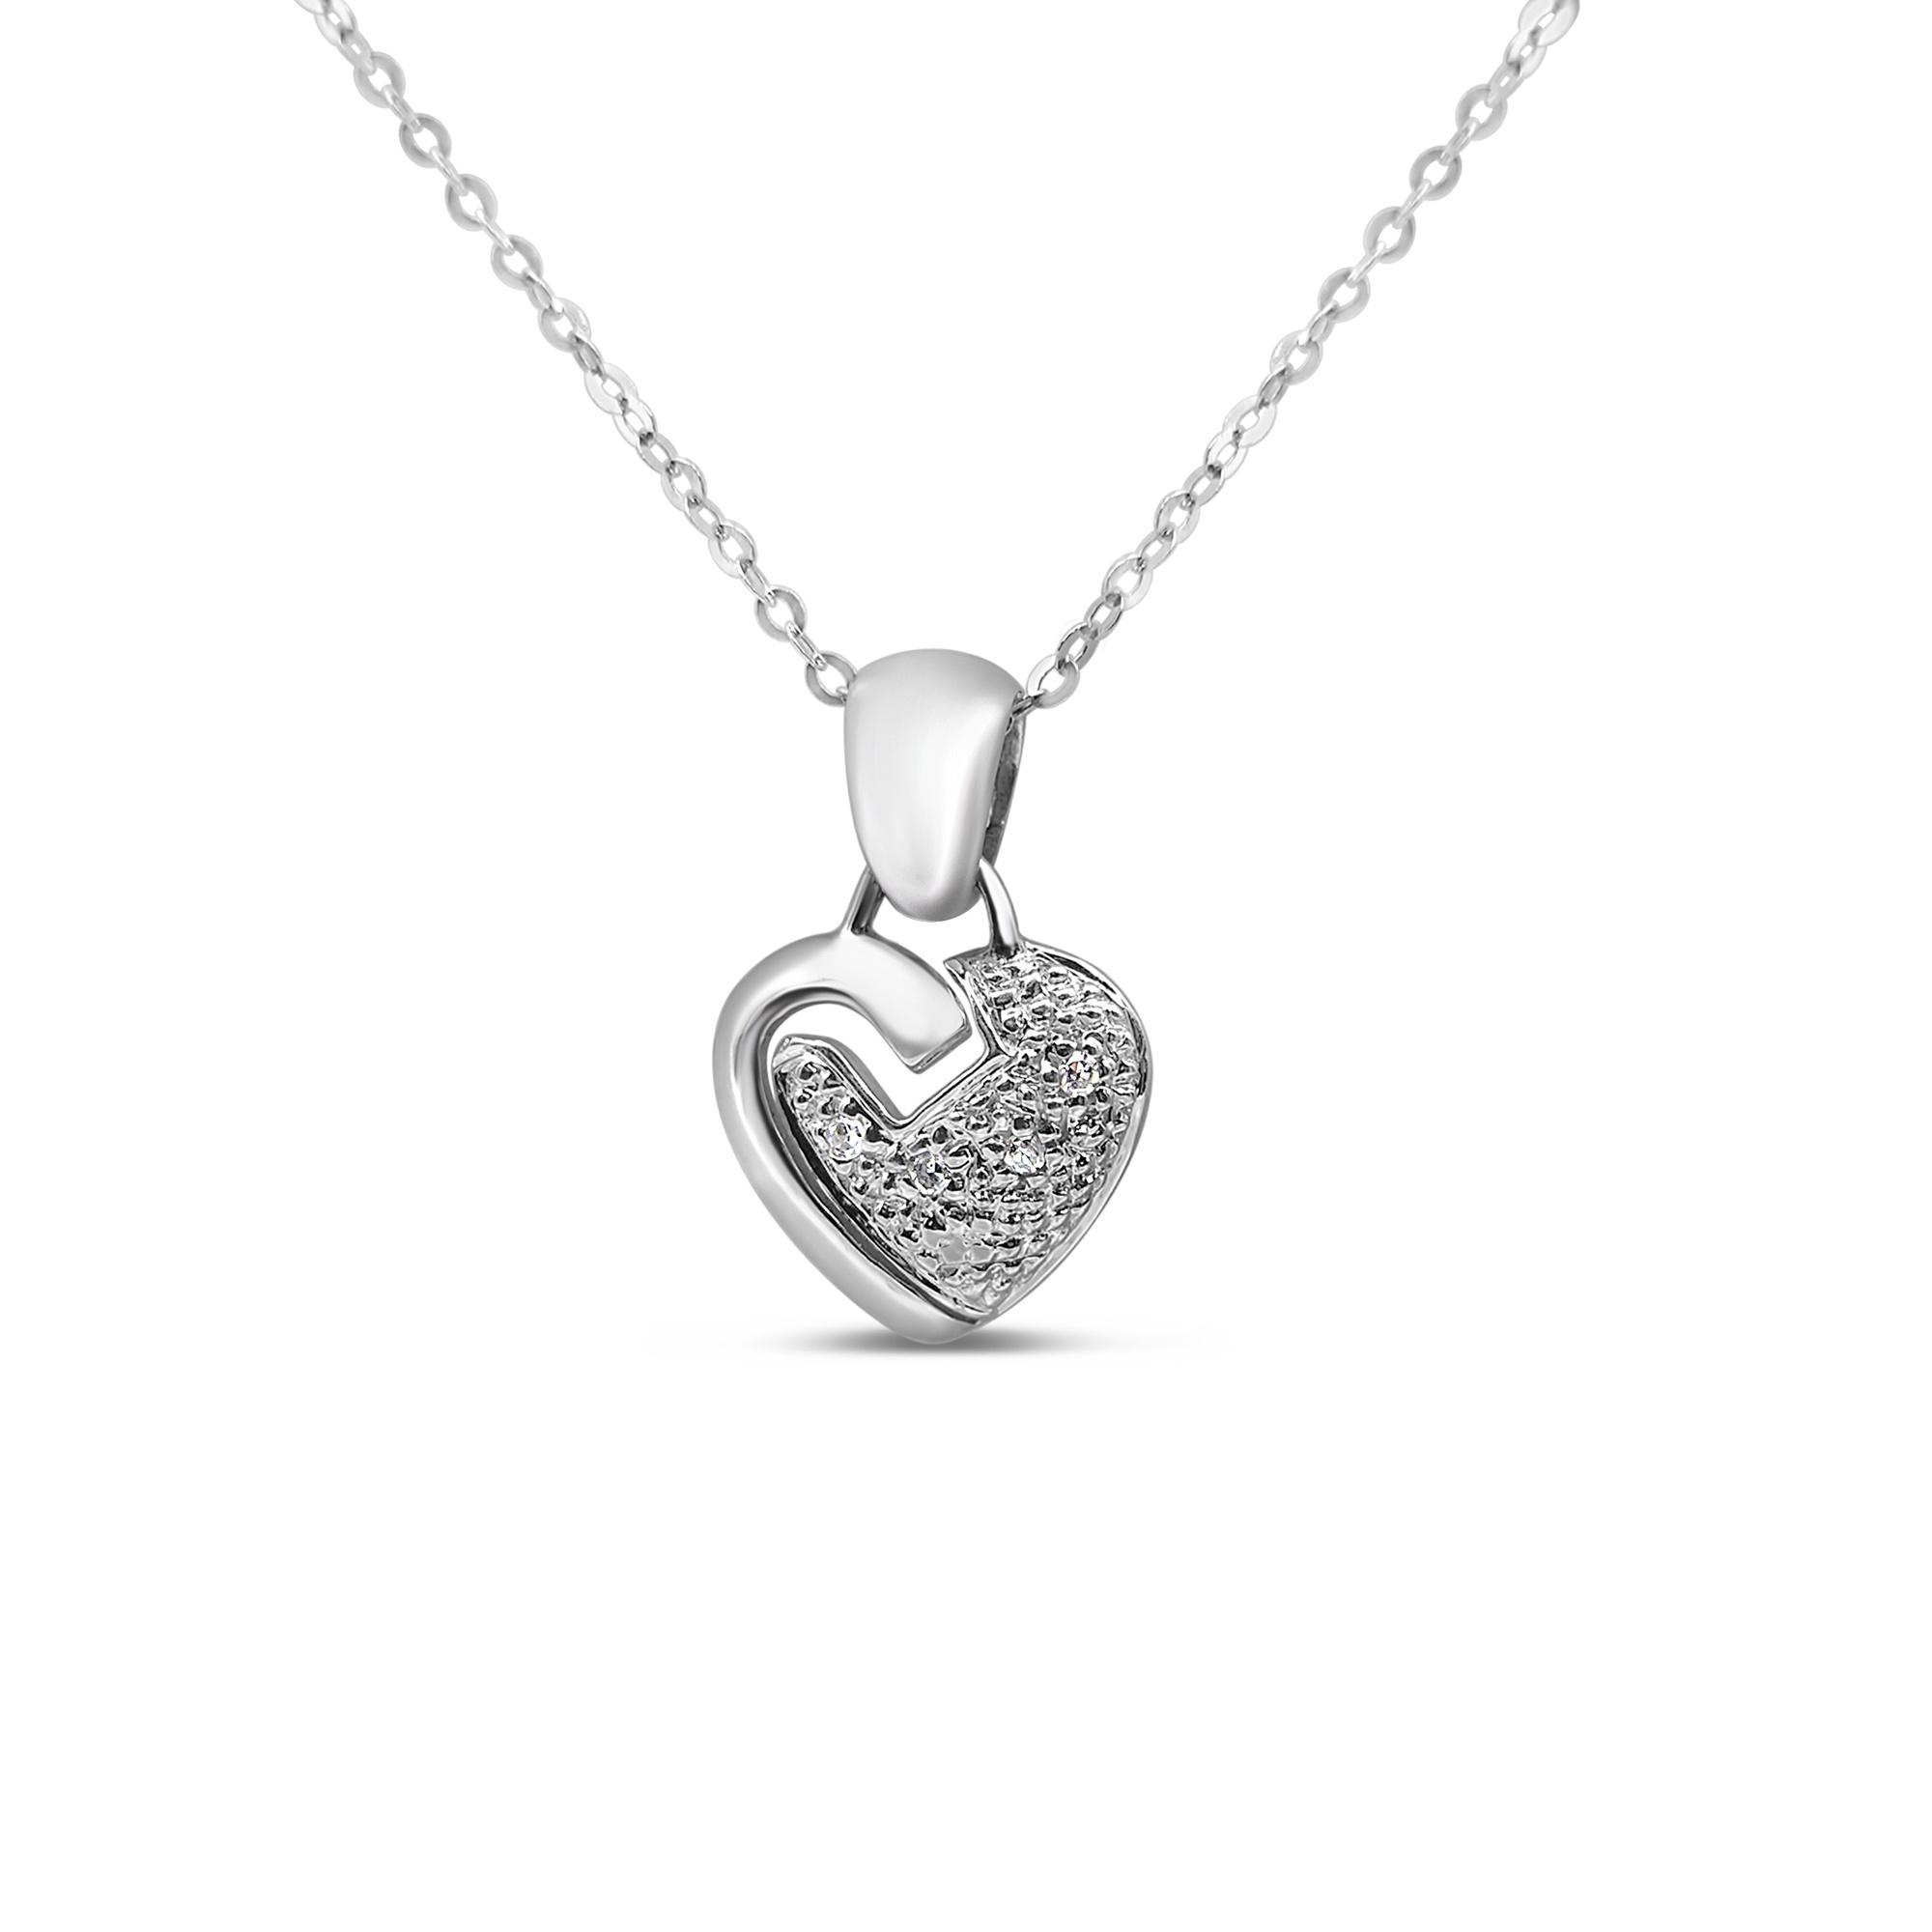 18kt wit goud hart hanger met 0.02 ct diamanten